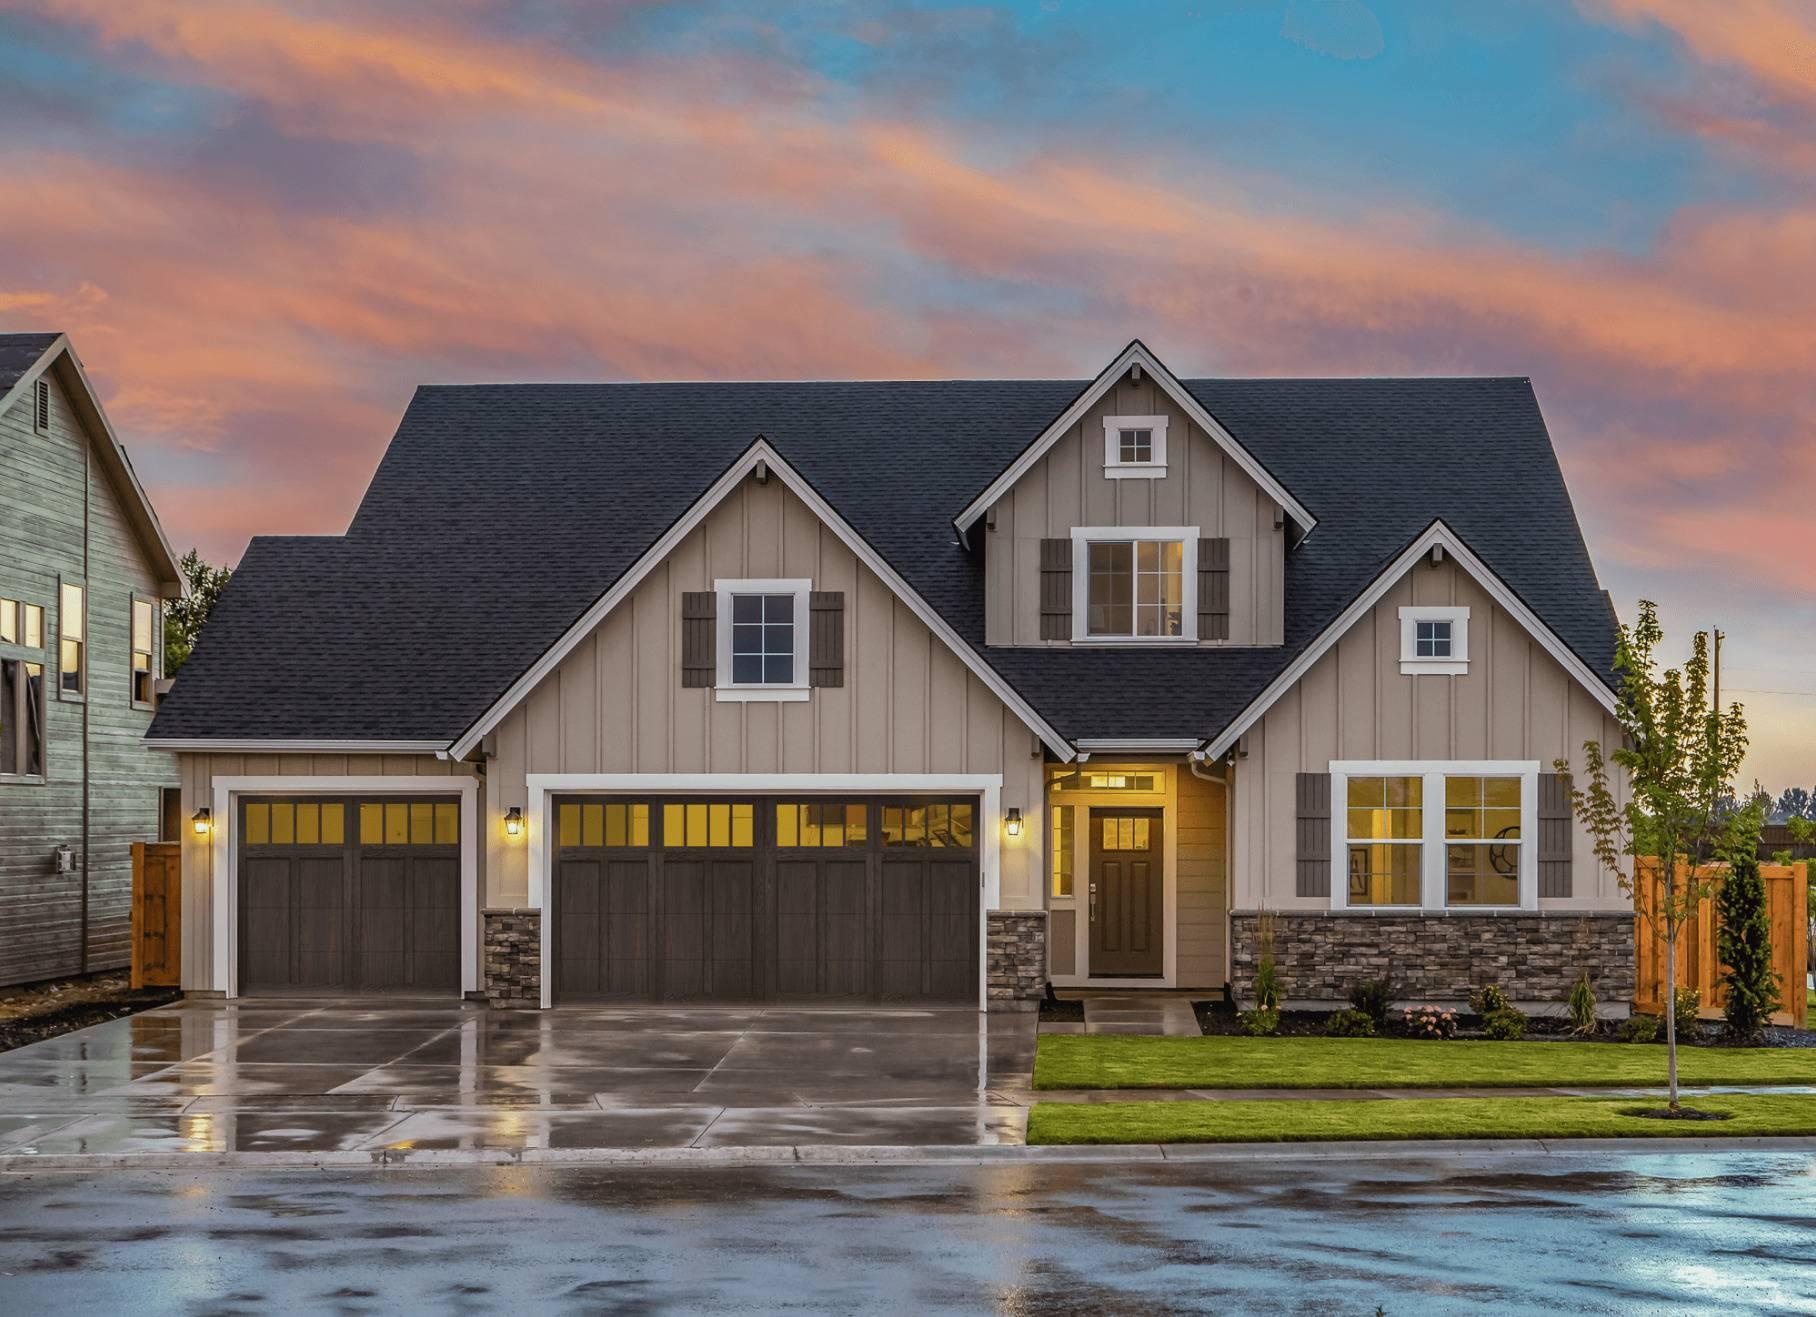 Shoreline Residential Garage Door - Garage Door Services, Inc.